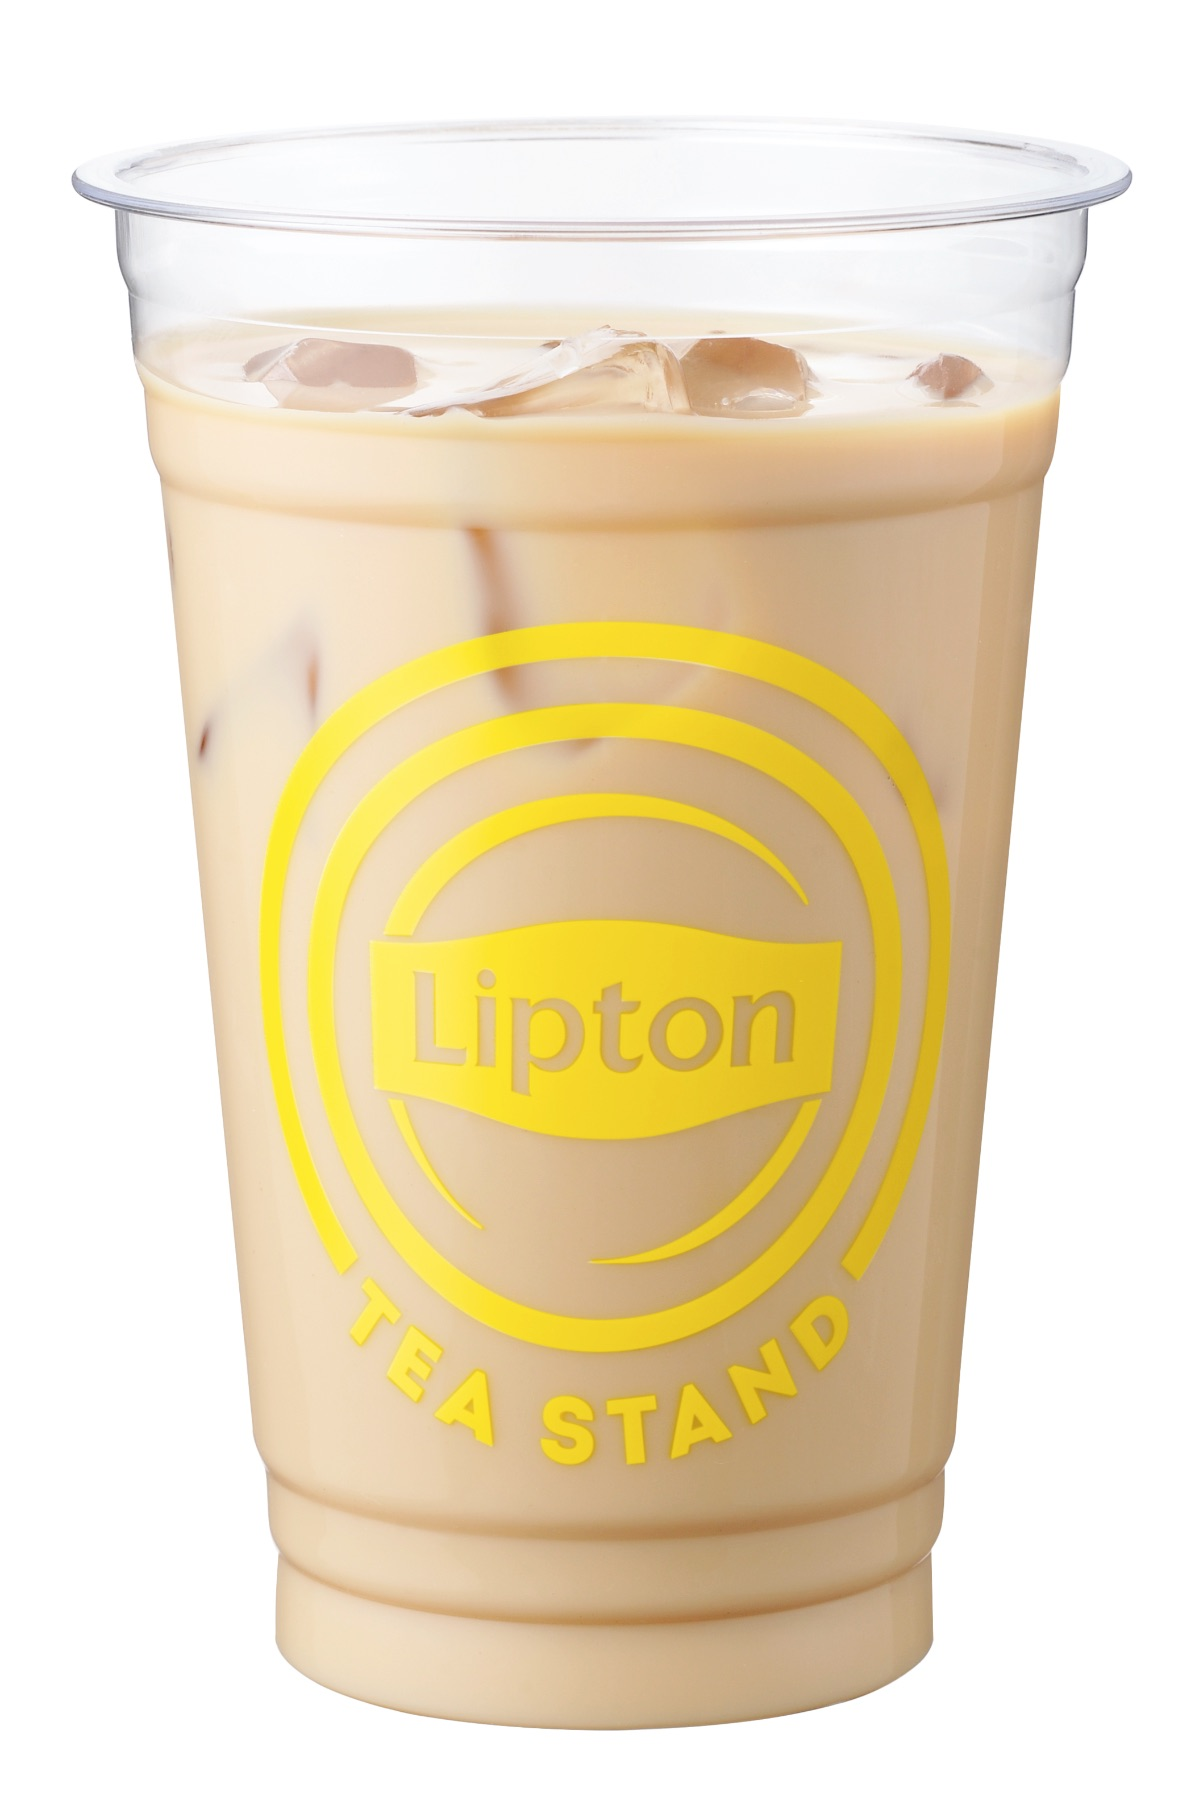 lipton-tea-stand-%e3%83%aa%e3%83%97%e3%83%88%e3%83%b3-%e3%83%86%e3%82%a3%e3%82%b9%e3%82%bf%e3%83%b3%e3%83%89%e8%8c%b62